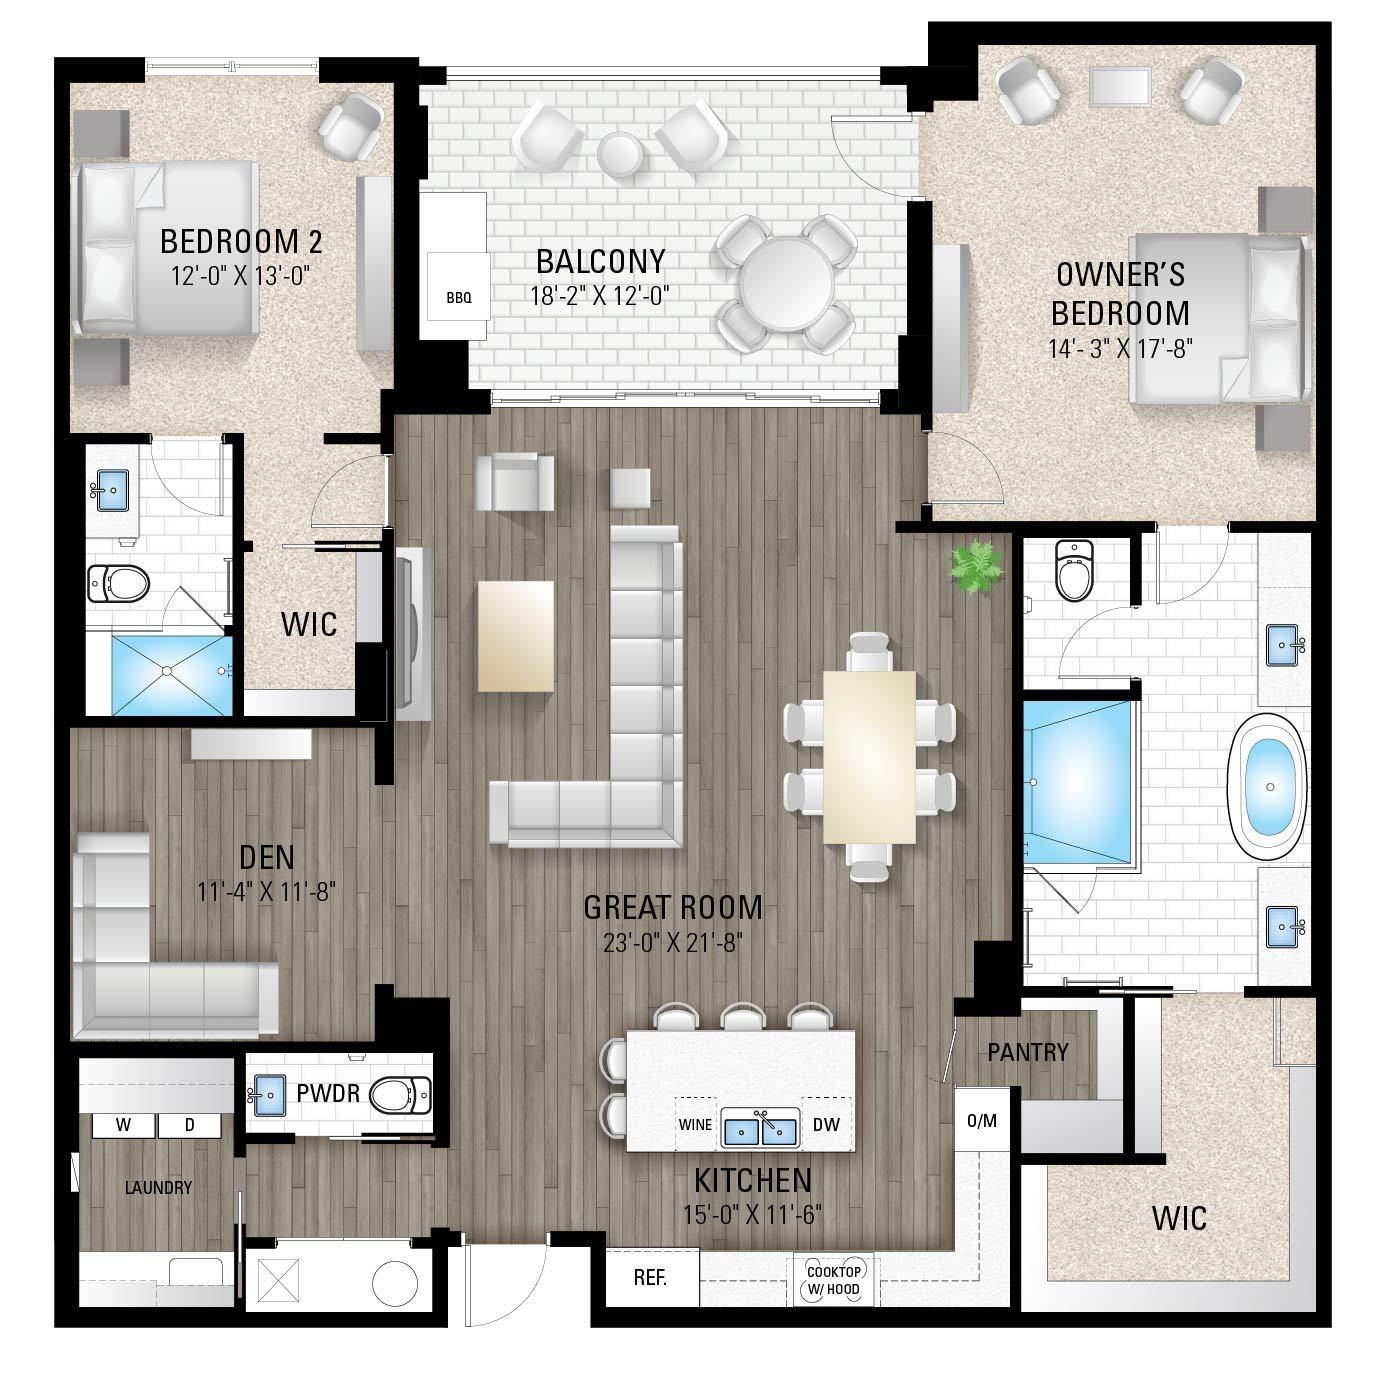 The Boca 2:2 Bedrooms / 2.5 Baths / Den